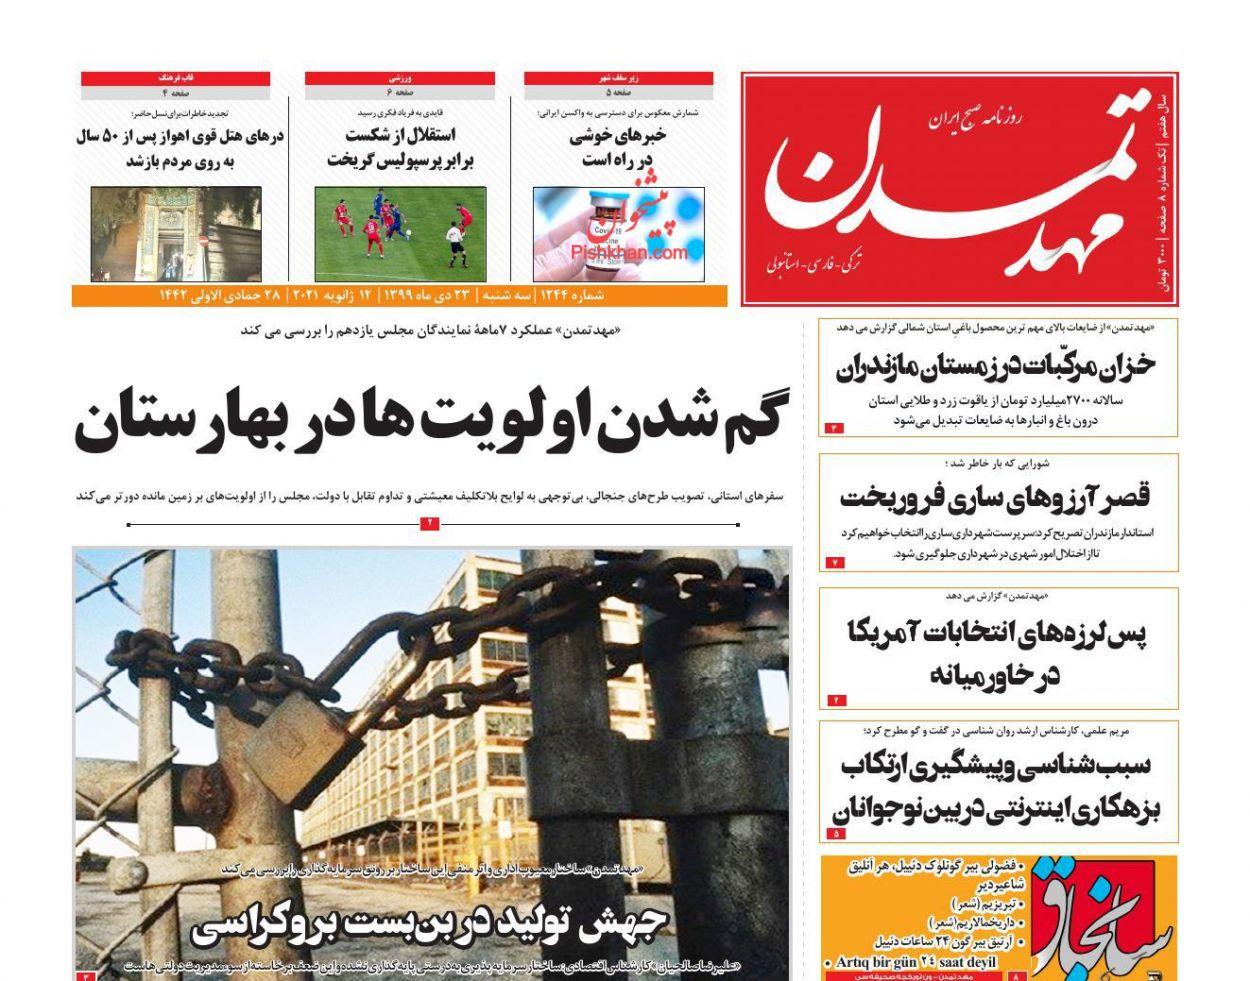 عناوین اخبار روزنامه مهد تمدن در روز سهشنبه ۲۳ دی